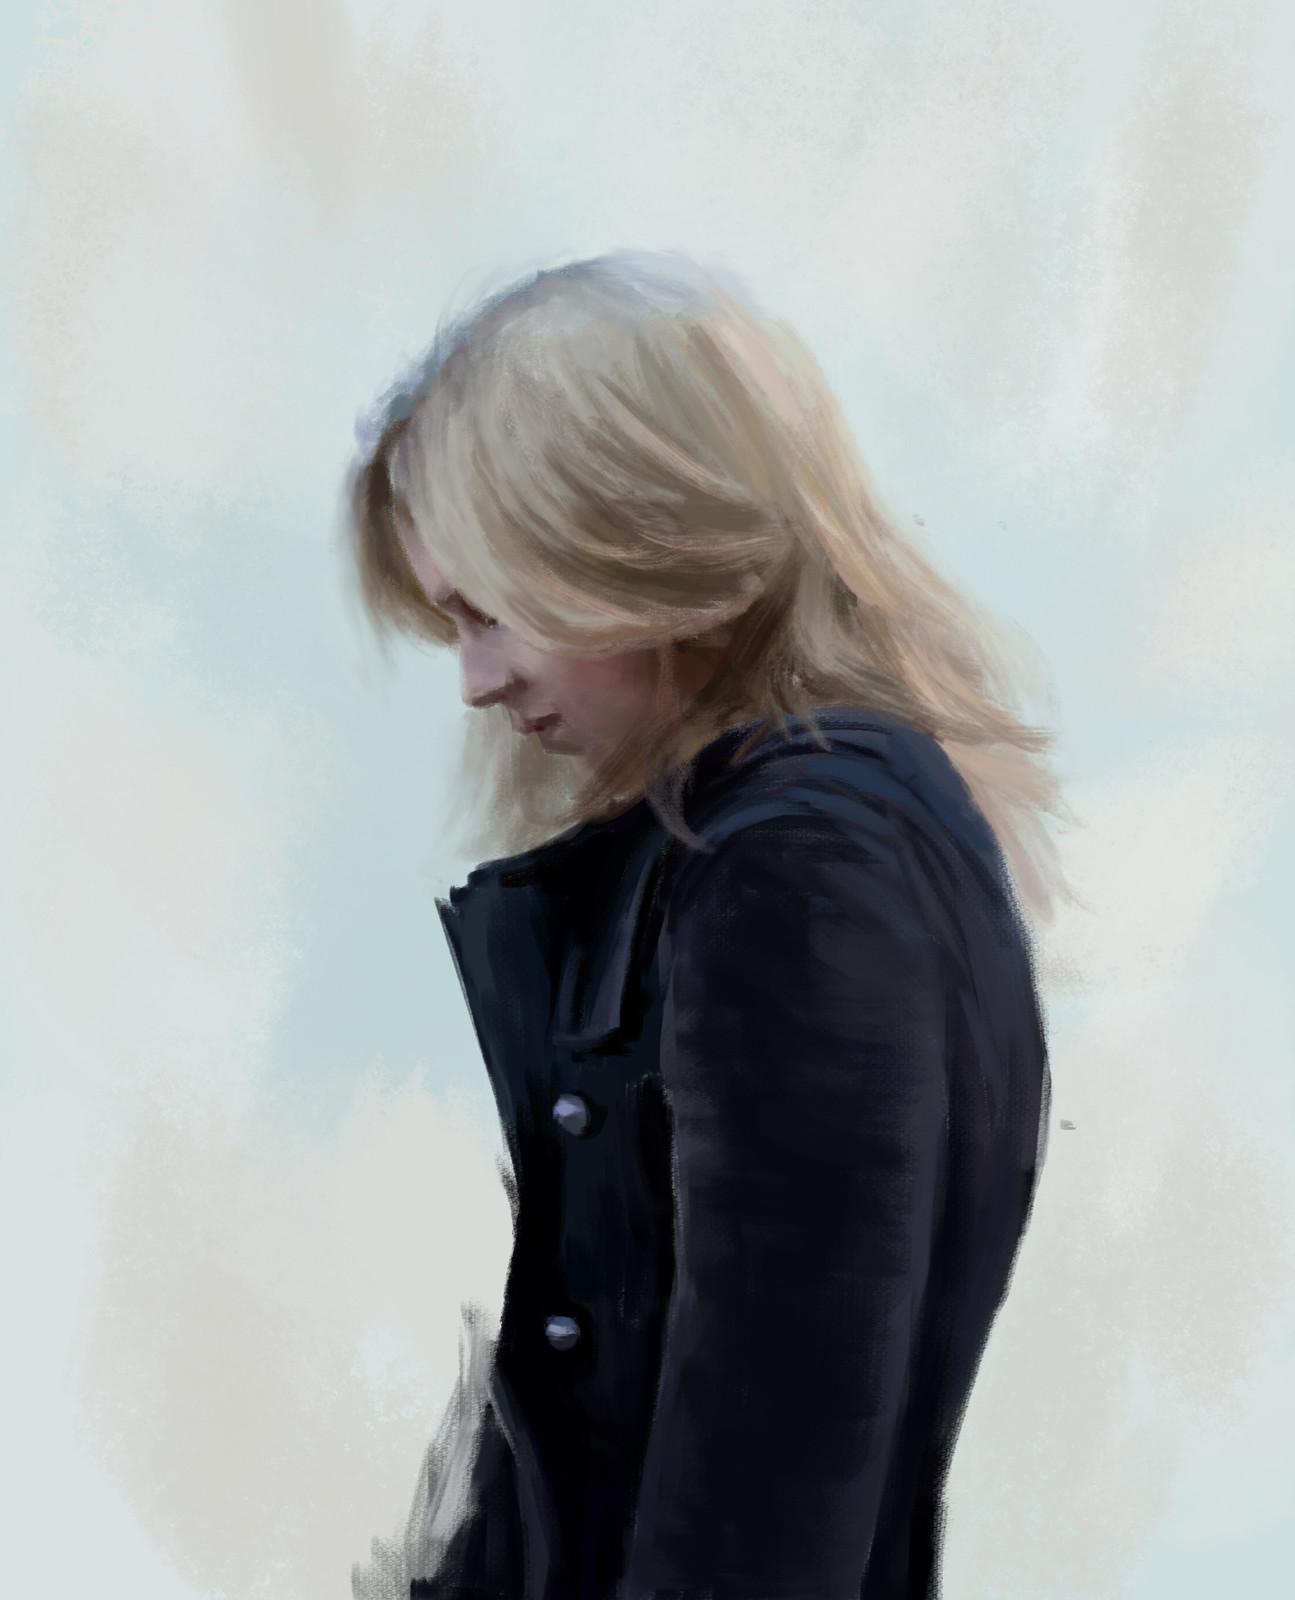 Jeremy Lipking: Chelsey - Study